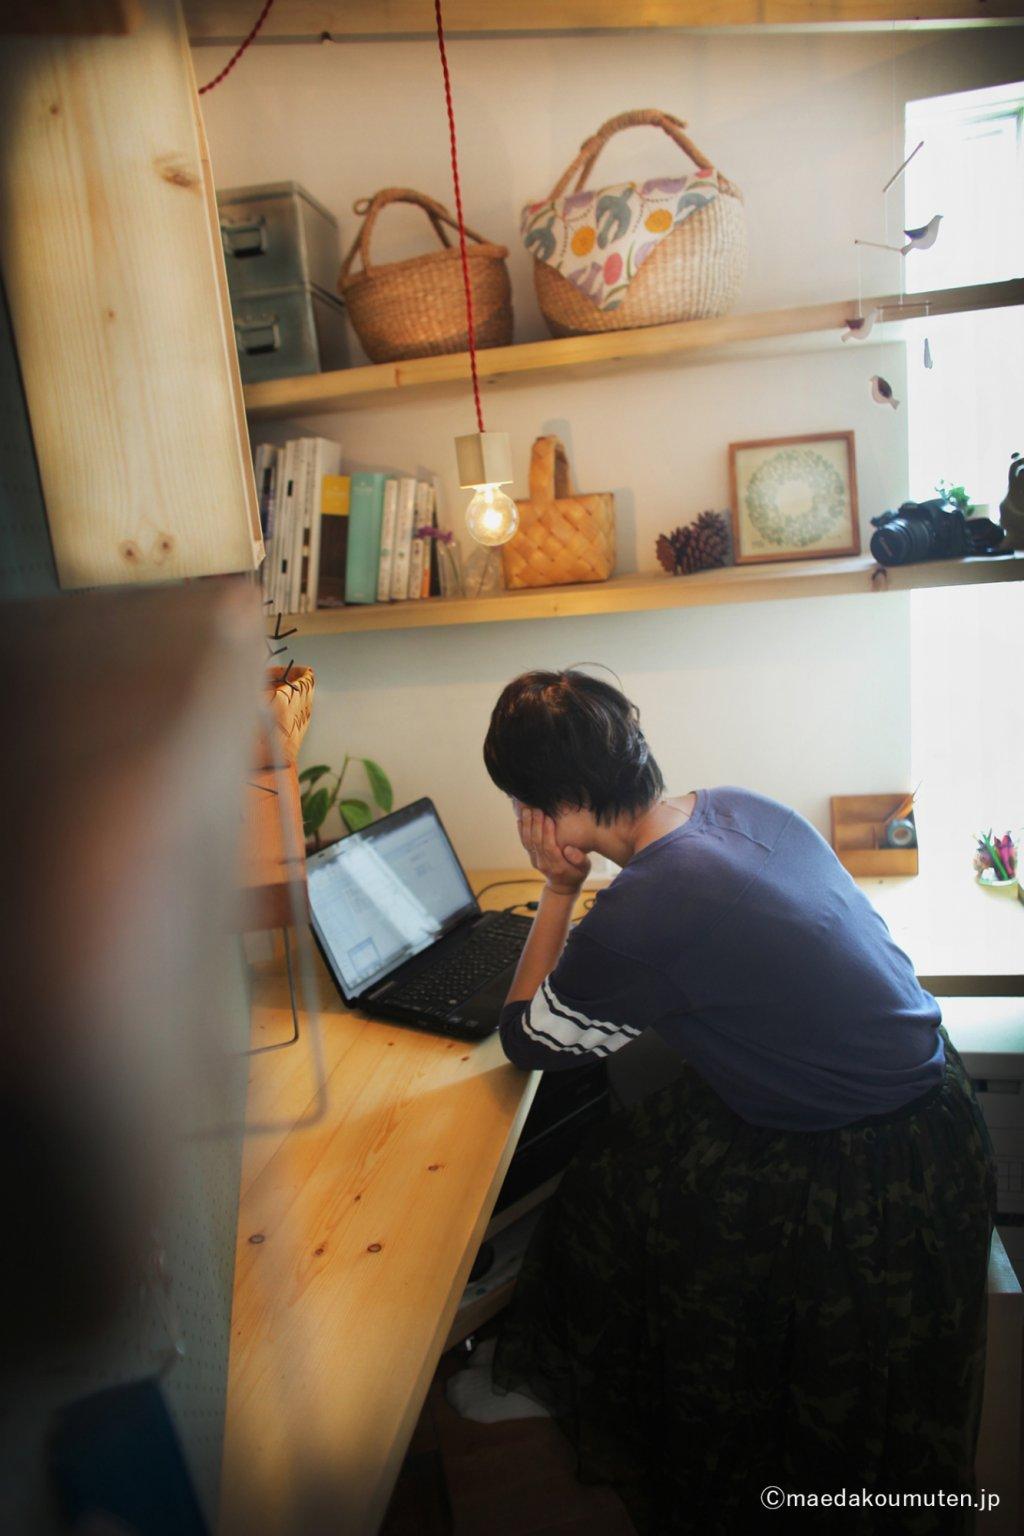 神奈川、注文住宅、前田工務店、小さな居場所、06